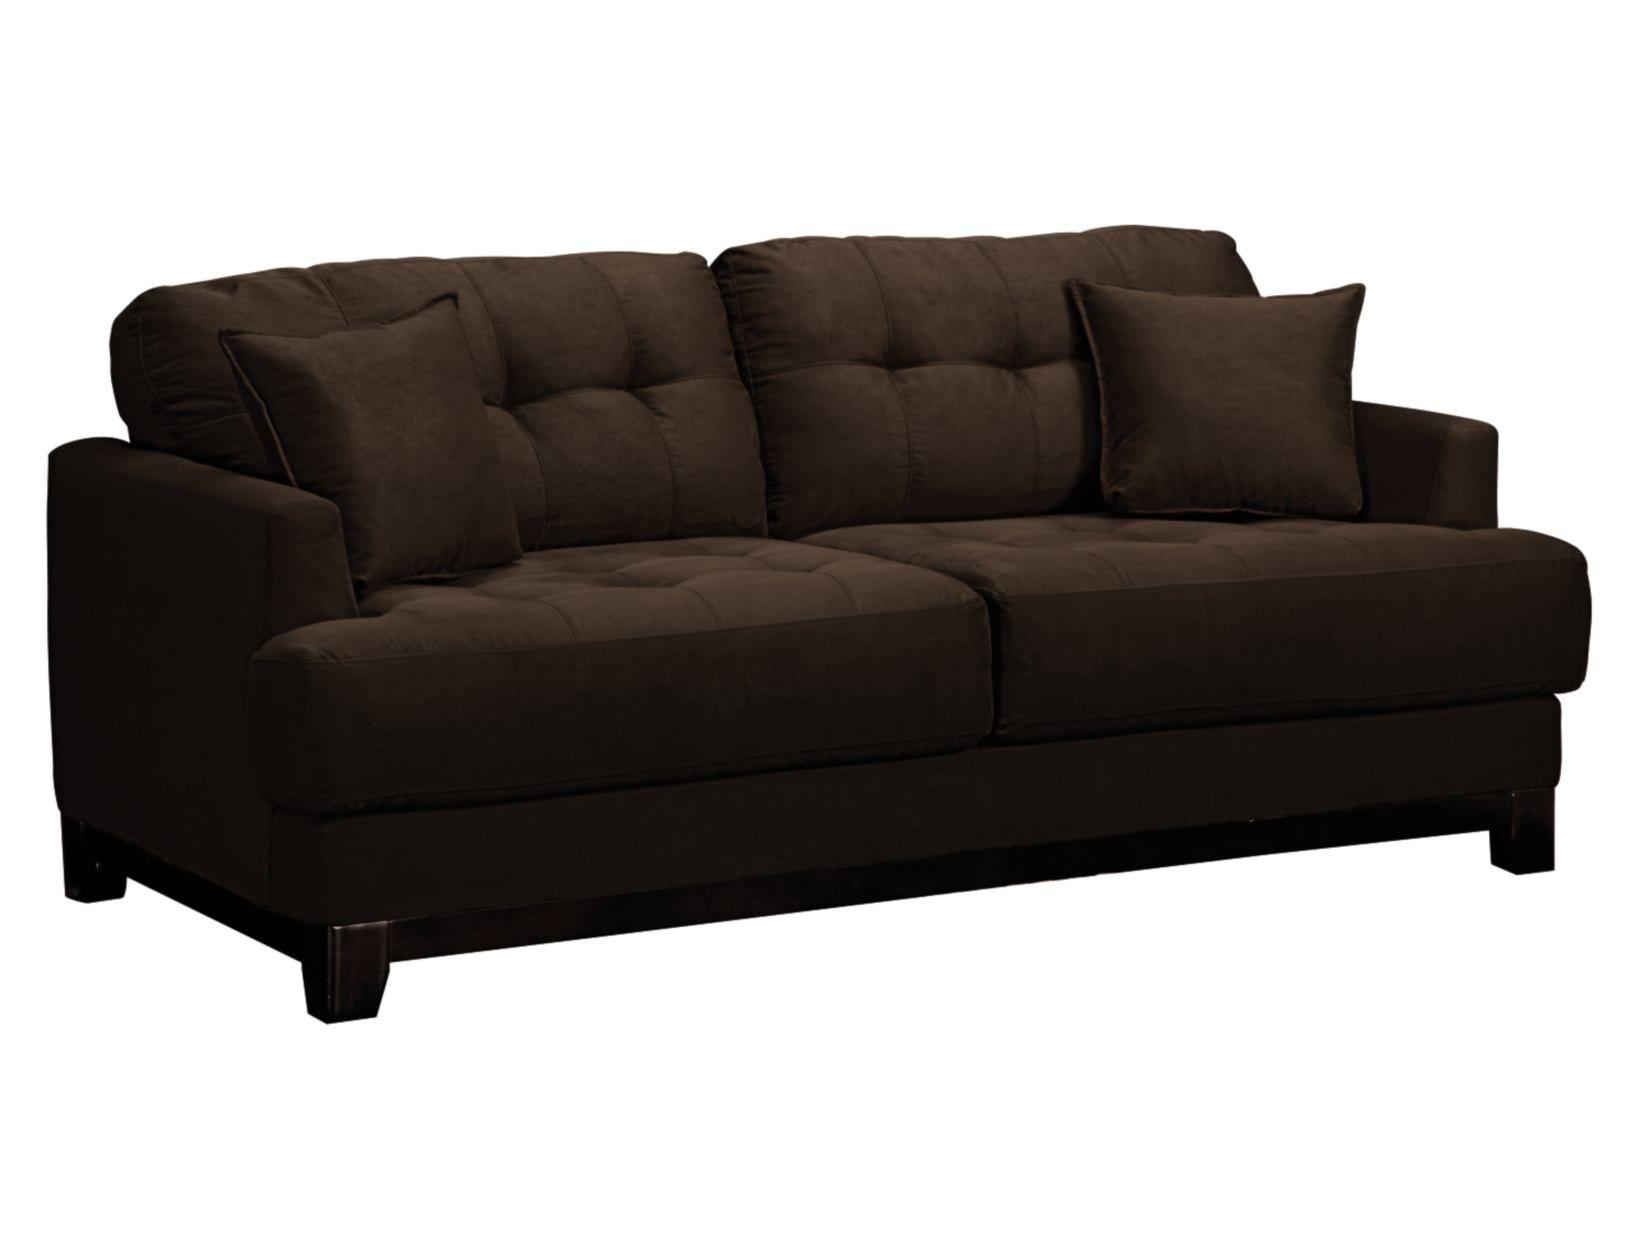 Calypso Chocolate Sofa